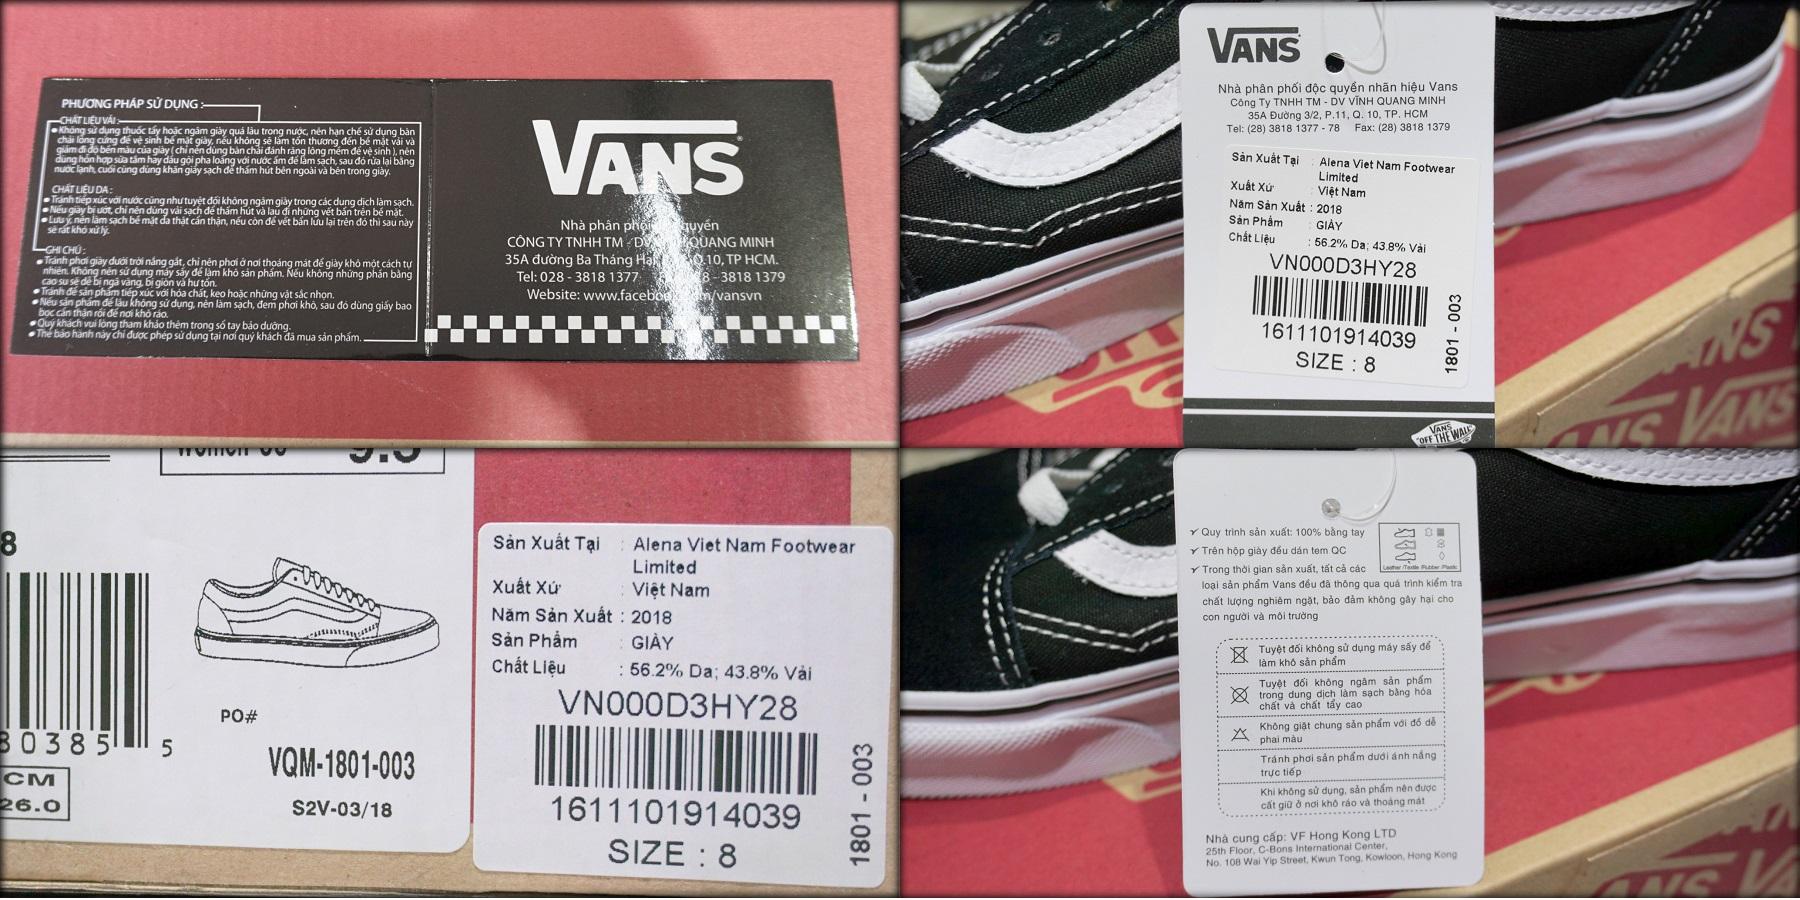 d932ca0a4c Sản phẩm của cửa hàng VANS chính thức tại Việt Nam sẽ có phiếu bảo hành